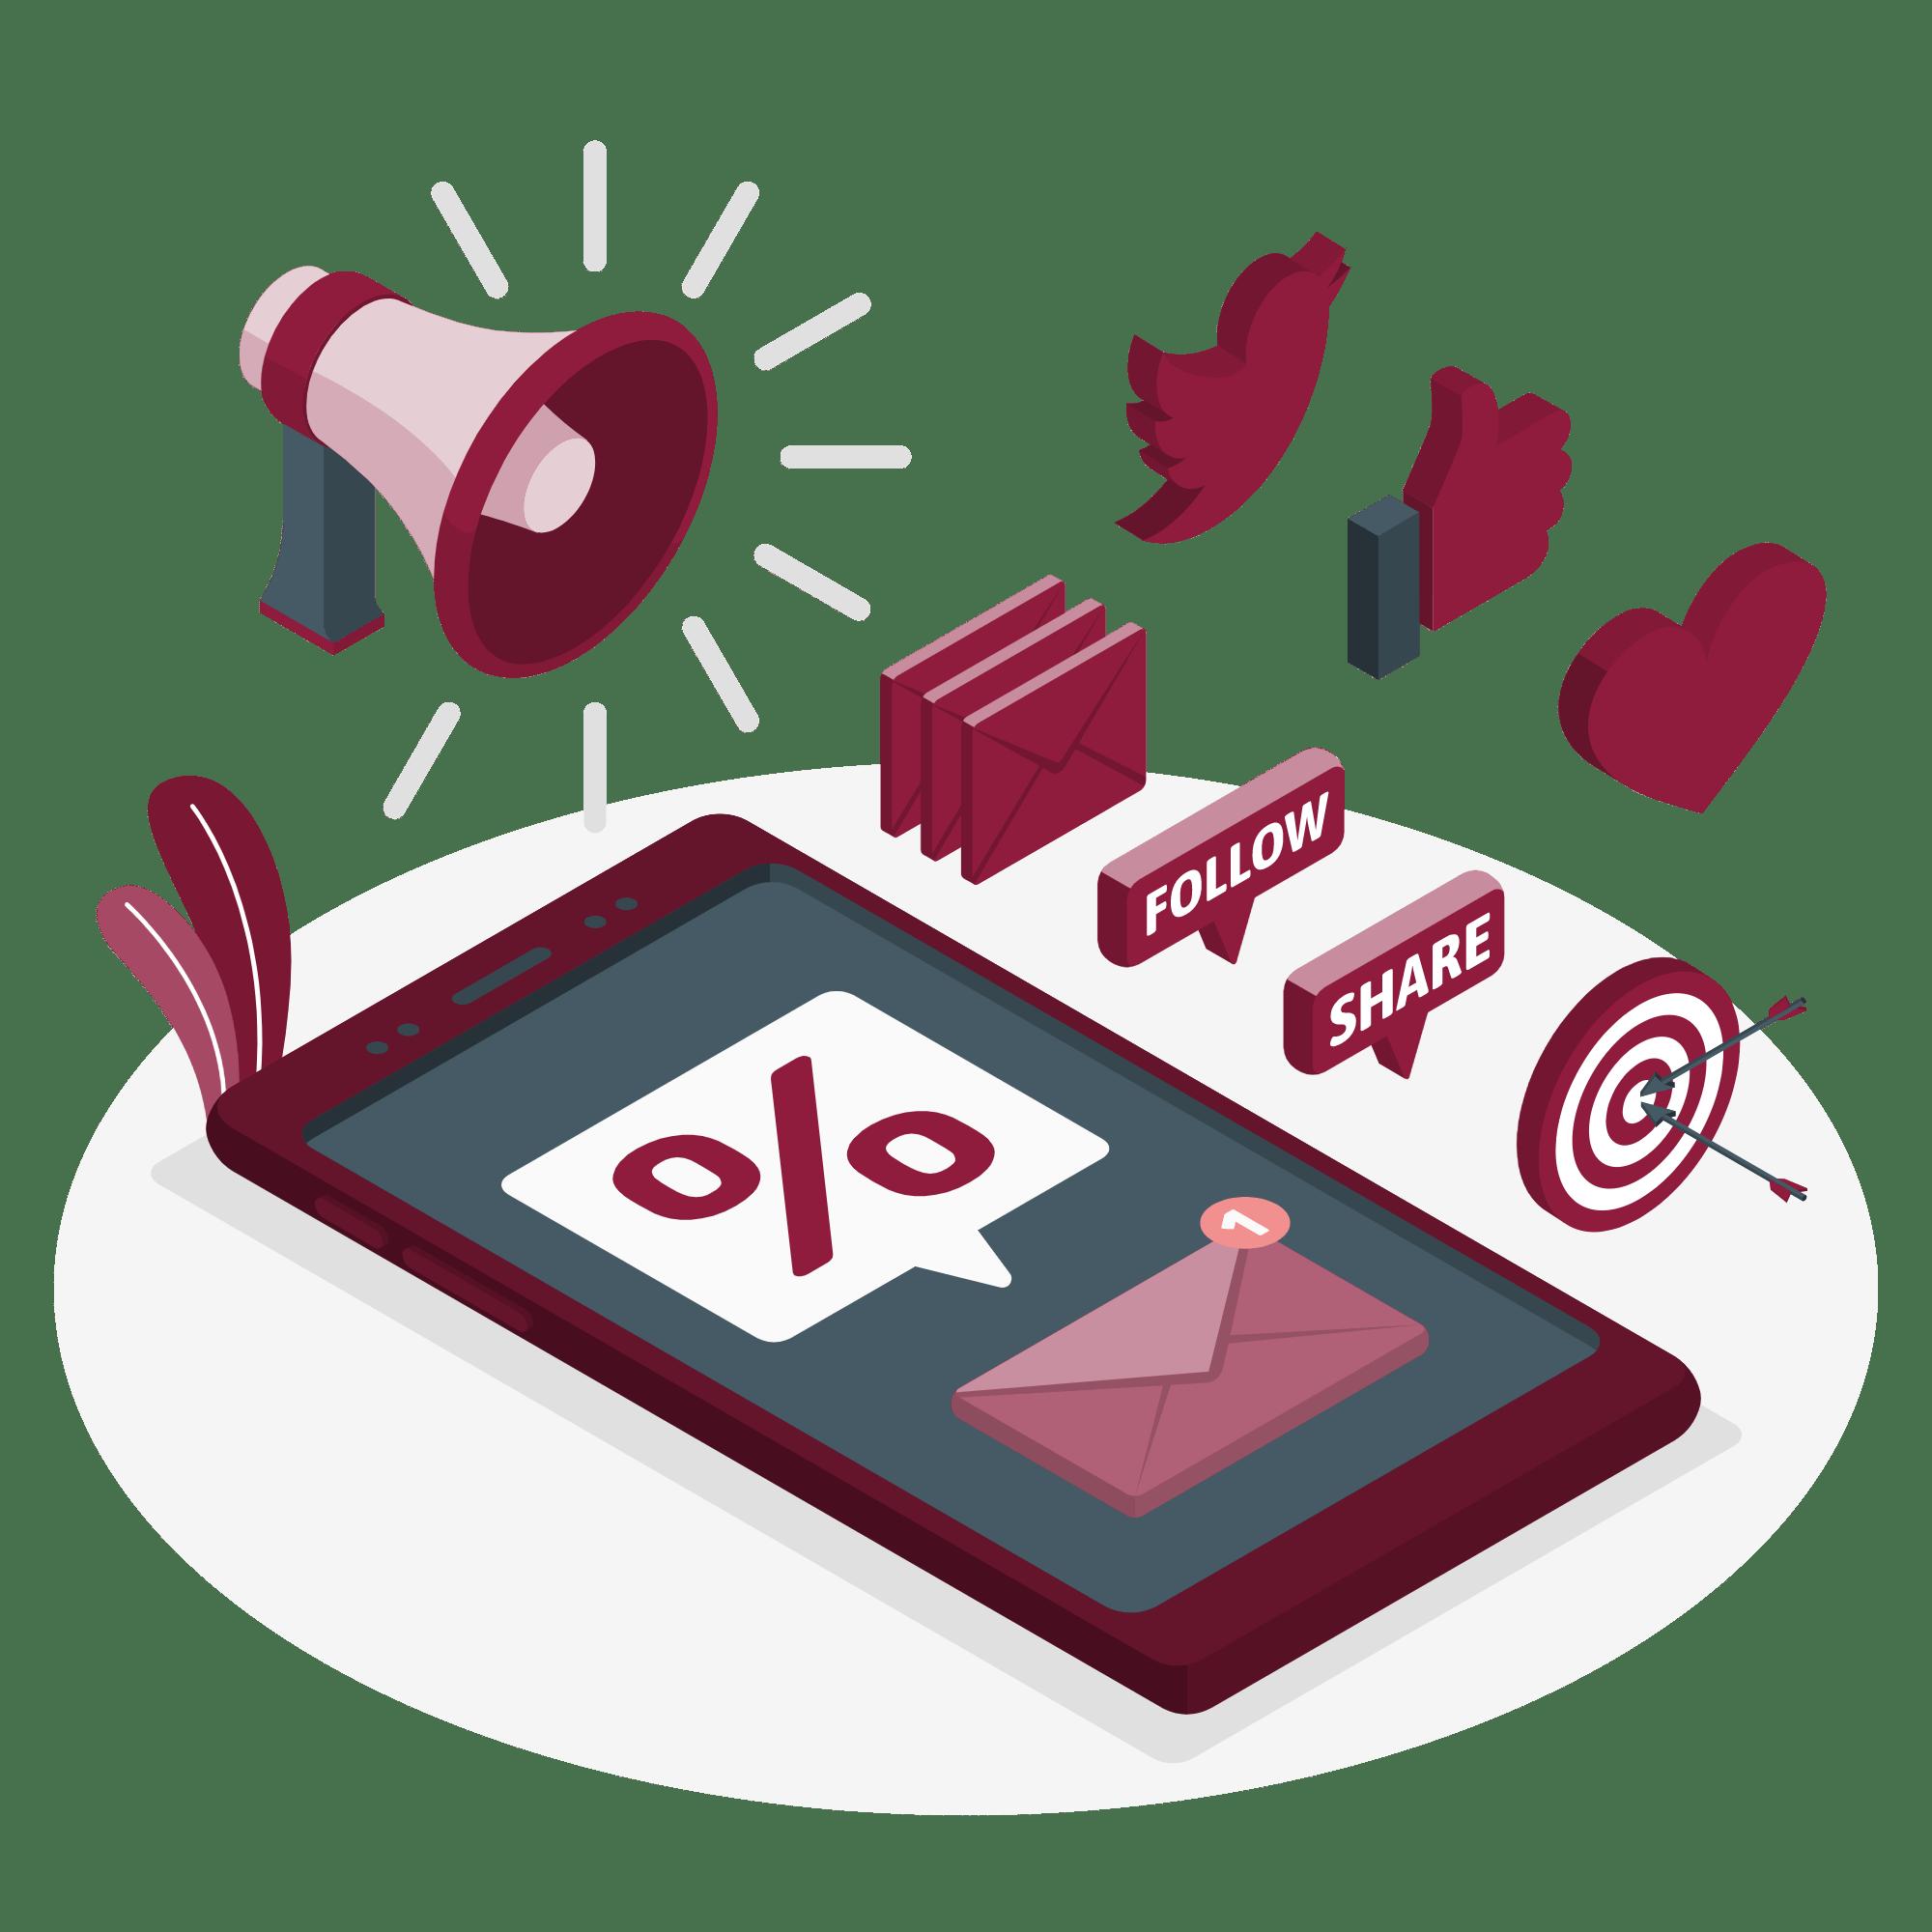 Curso-herramientas-redes-sociales-vector